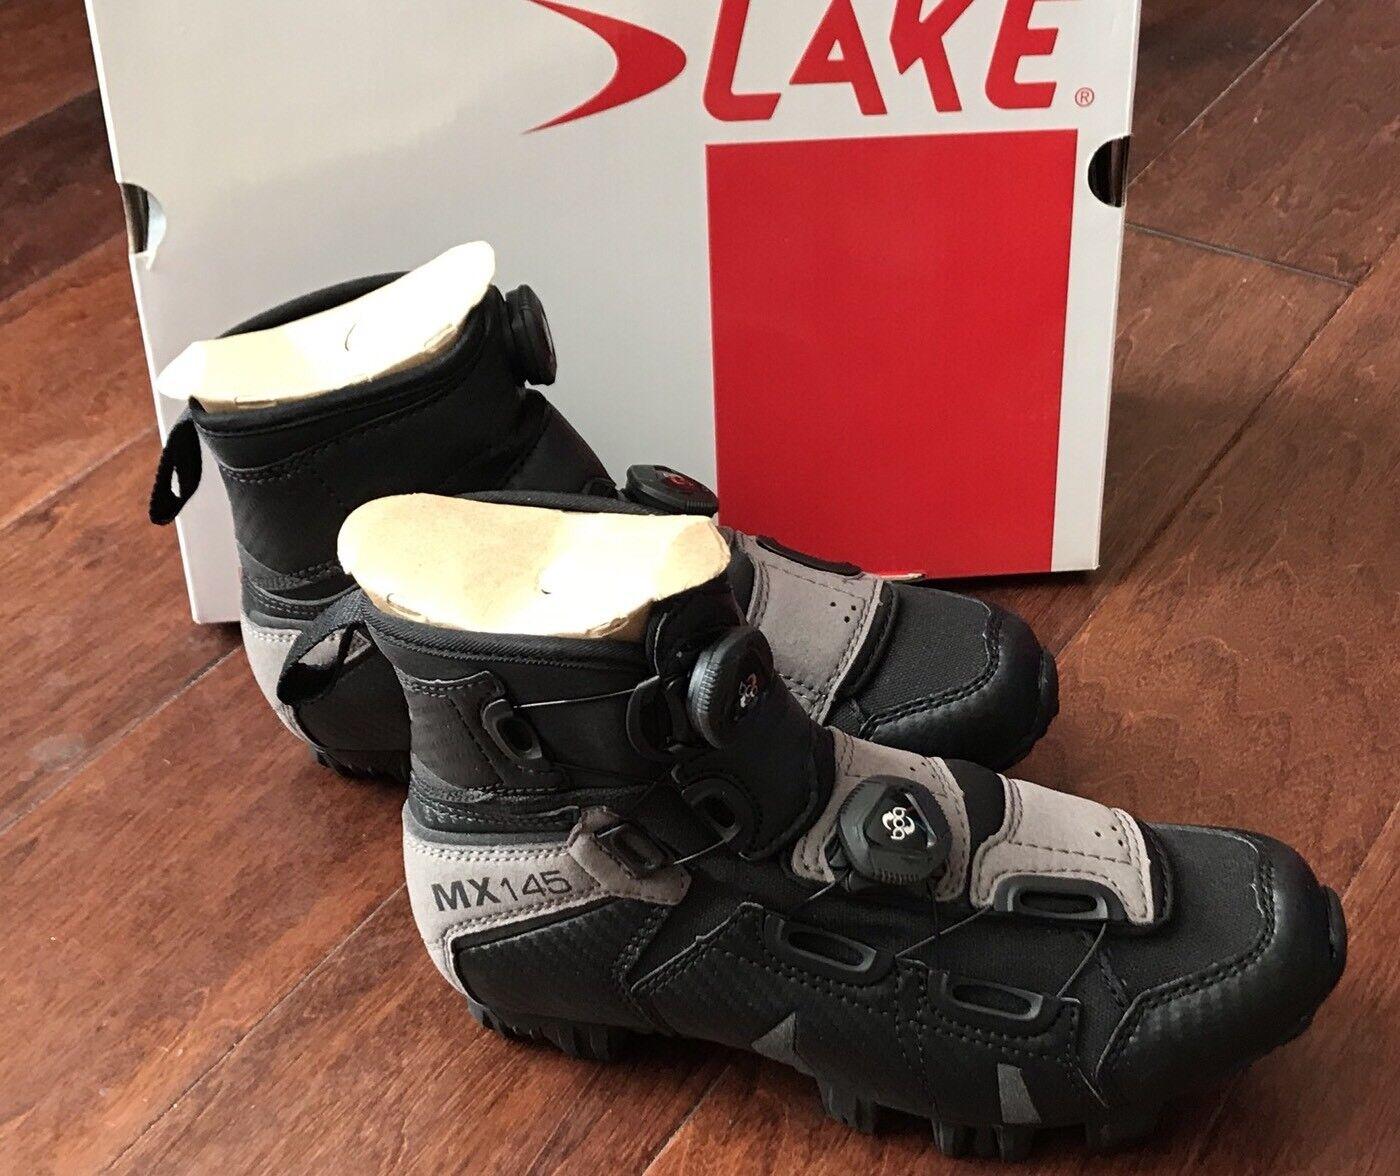 Lake MX145 2018 Para Hombre Negro gris para Ciclismo Bicicleta De Montaña botas Zapatos Talla EU 37 nos 6